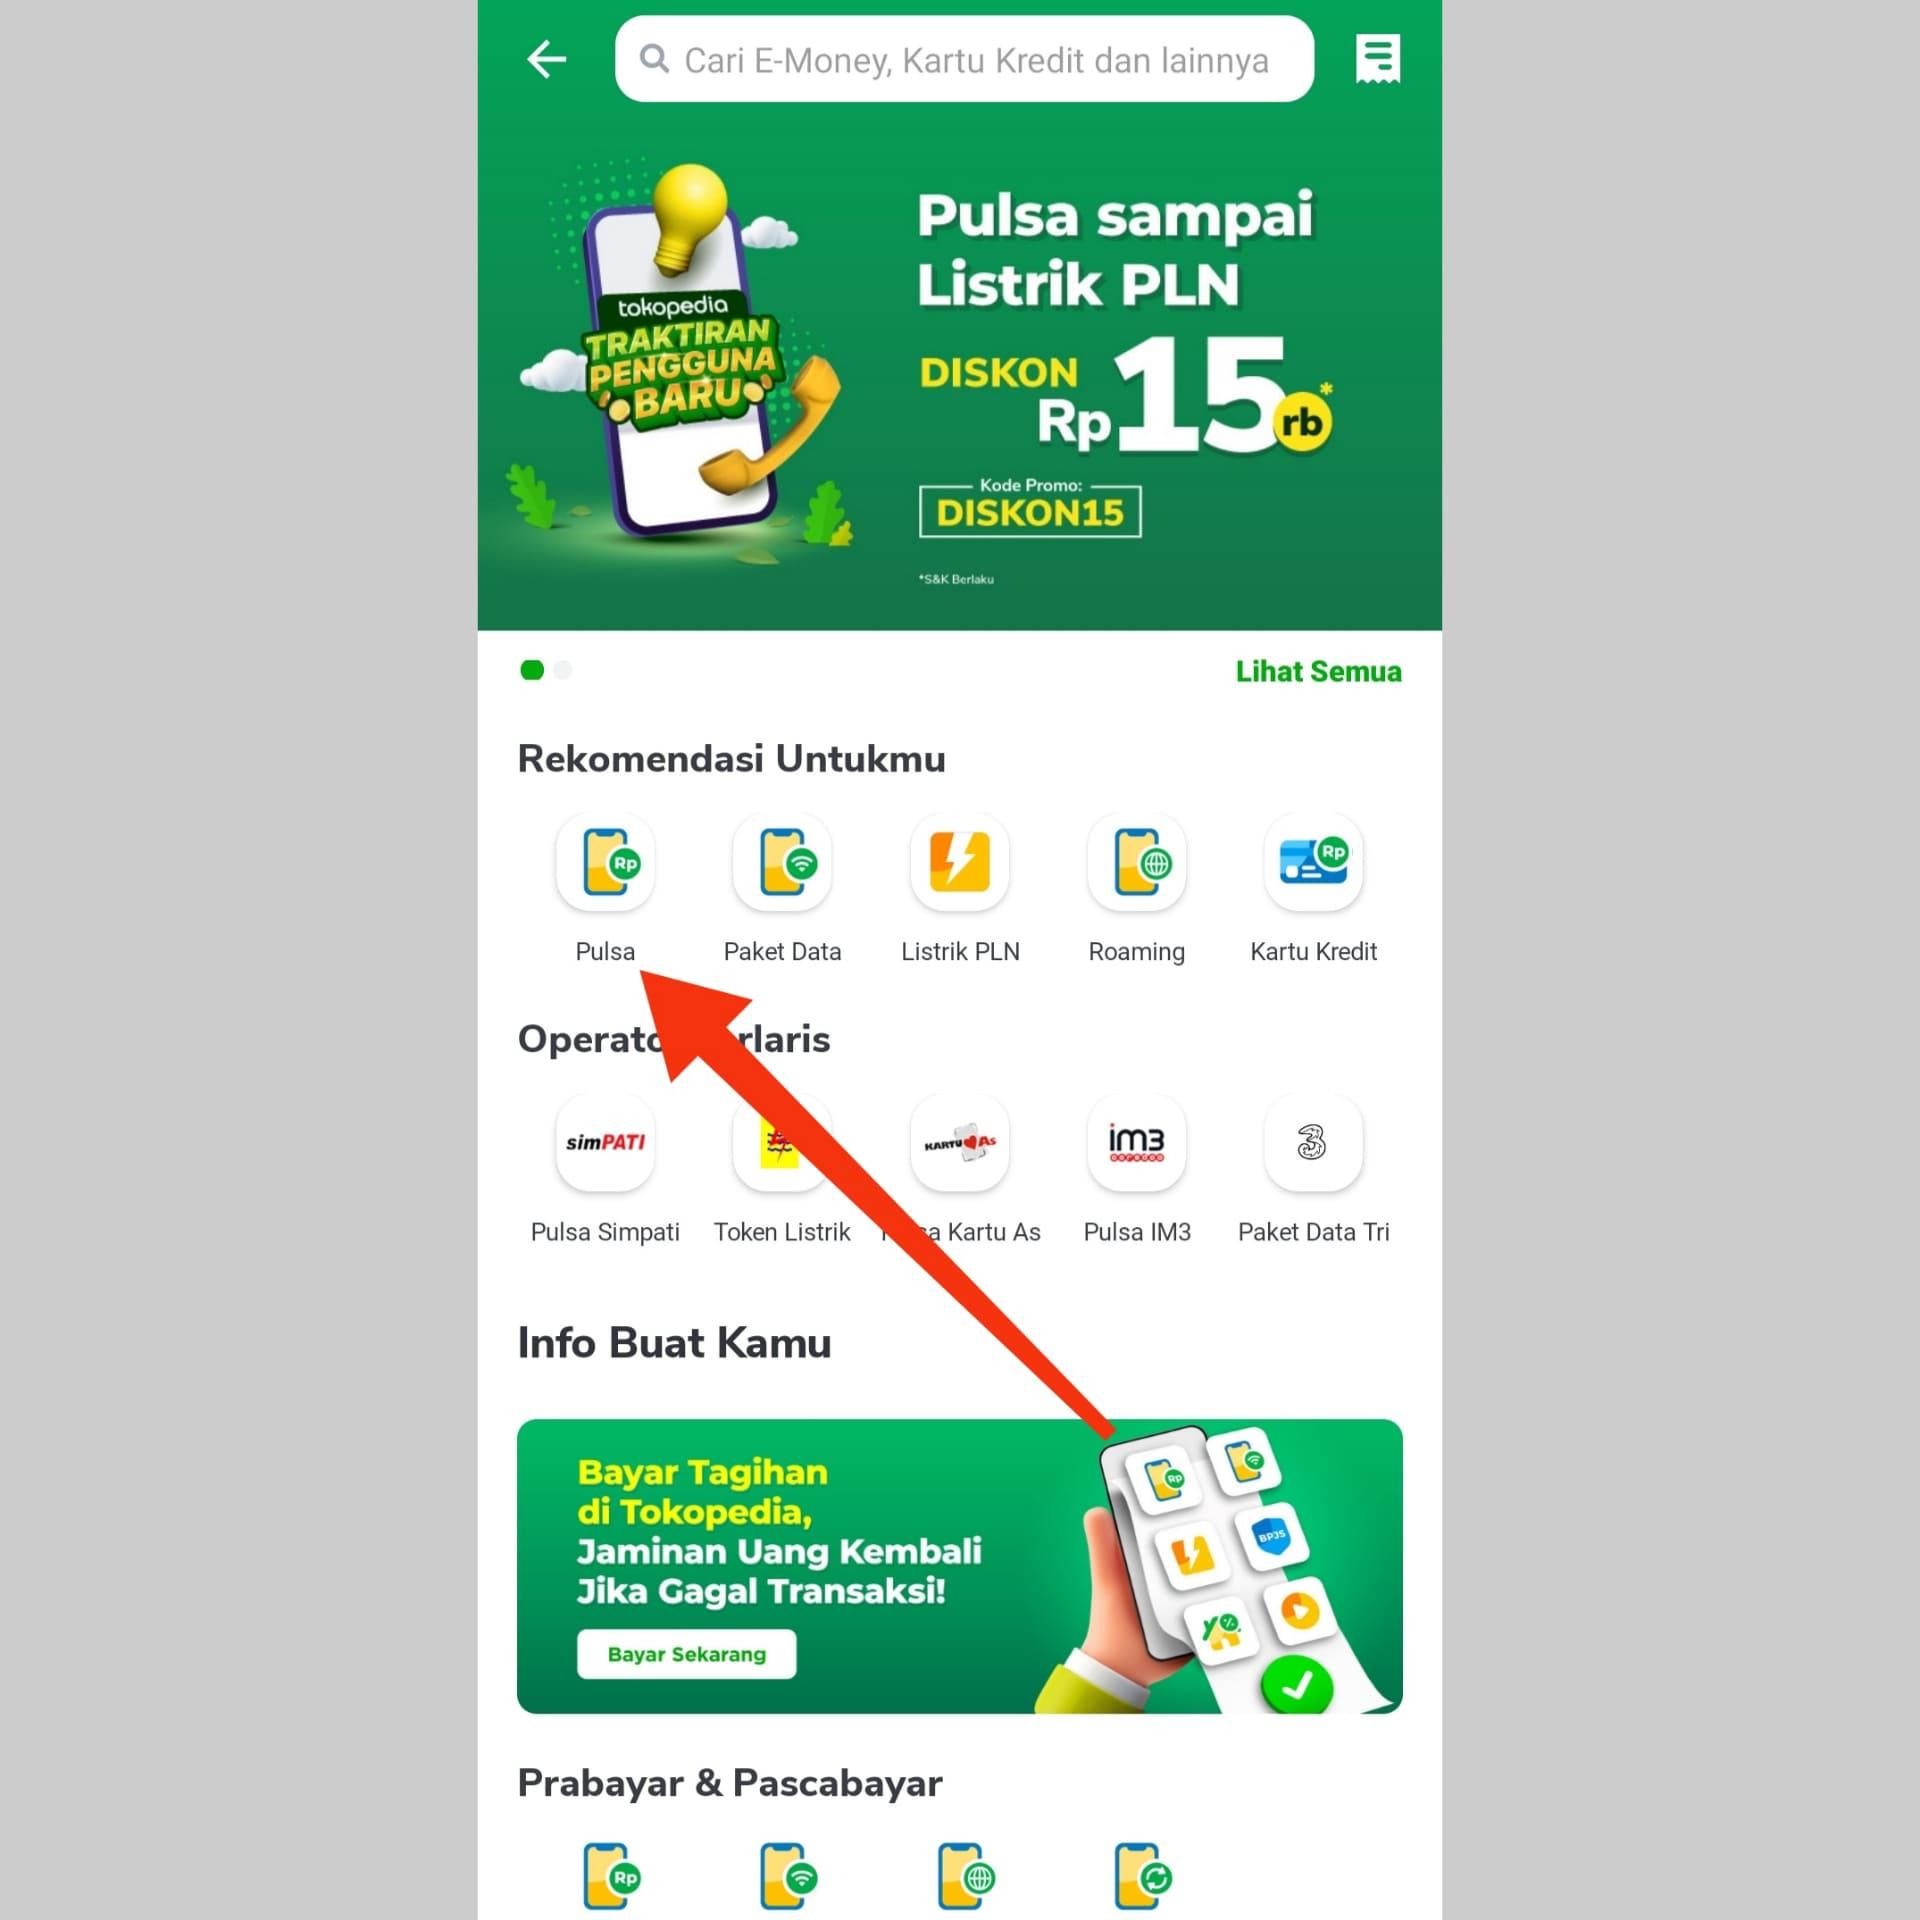 Cara Beli Pulsa di Tokopedia, Dapat Diskon 15K untuk Pengguna Baru